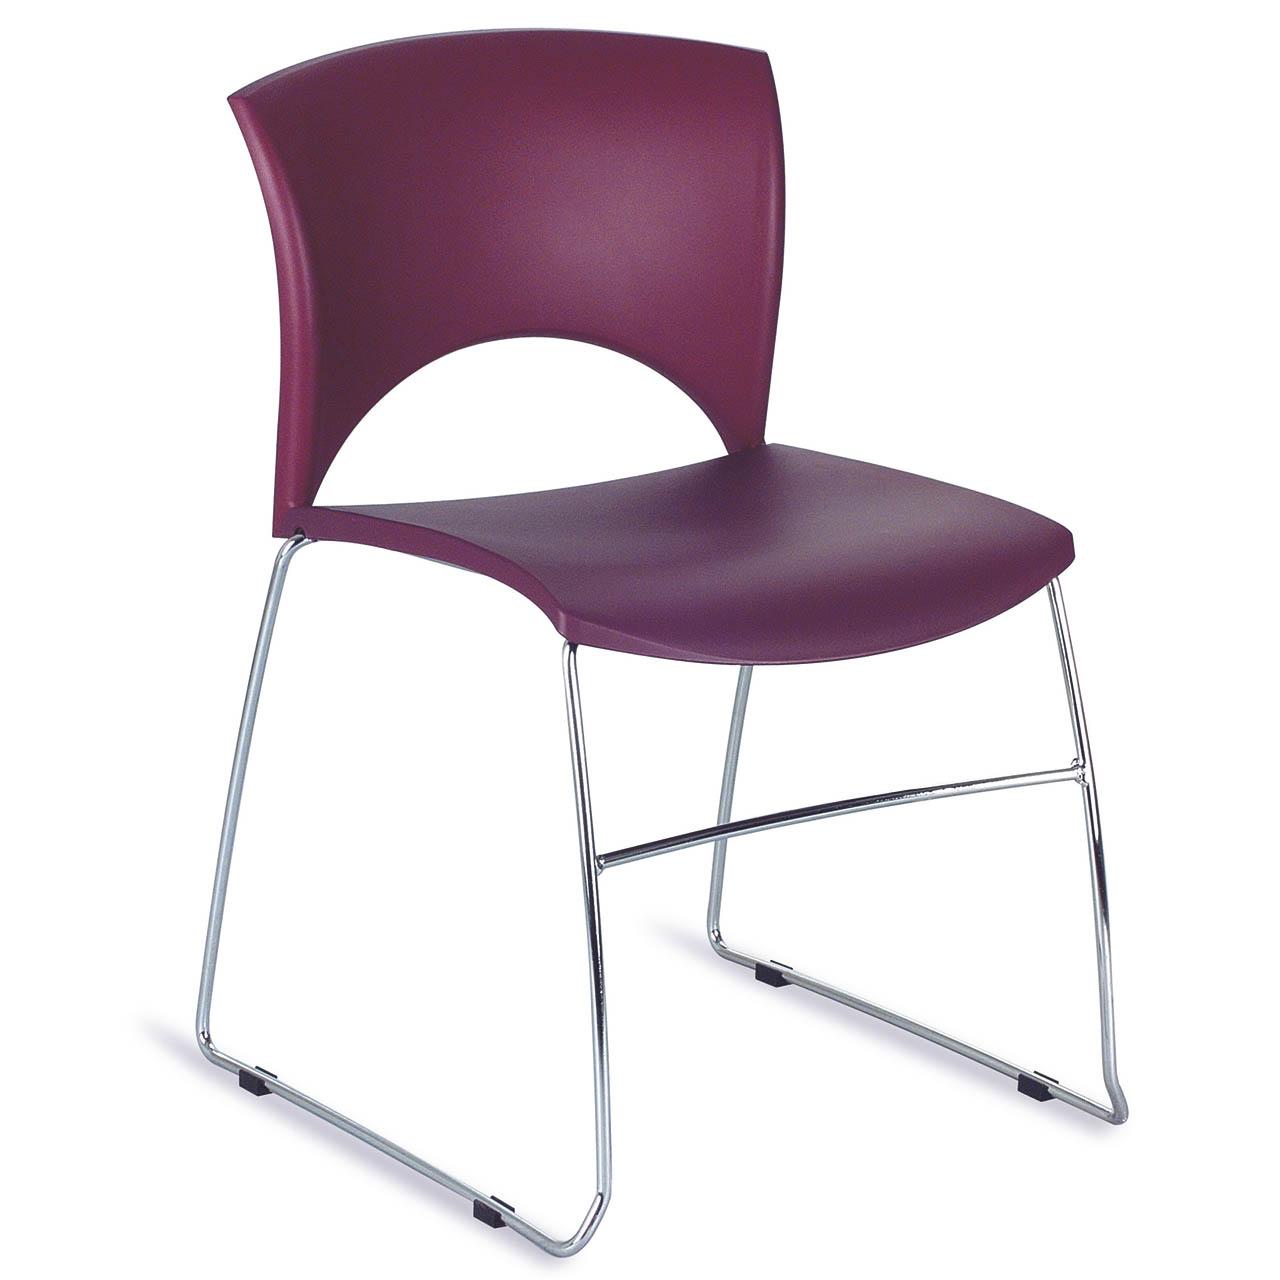 chaise accueil lola plastique empilable pas cher